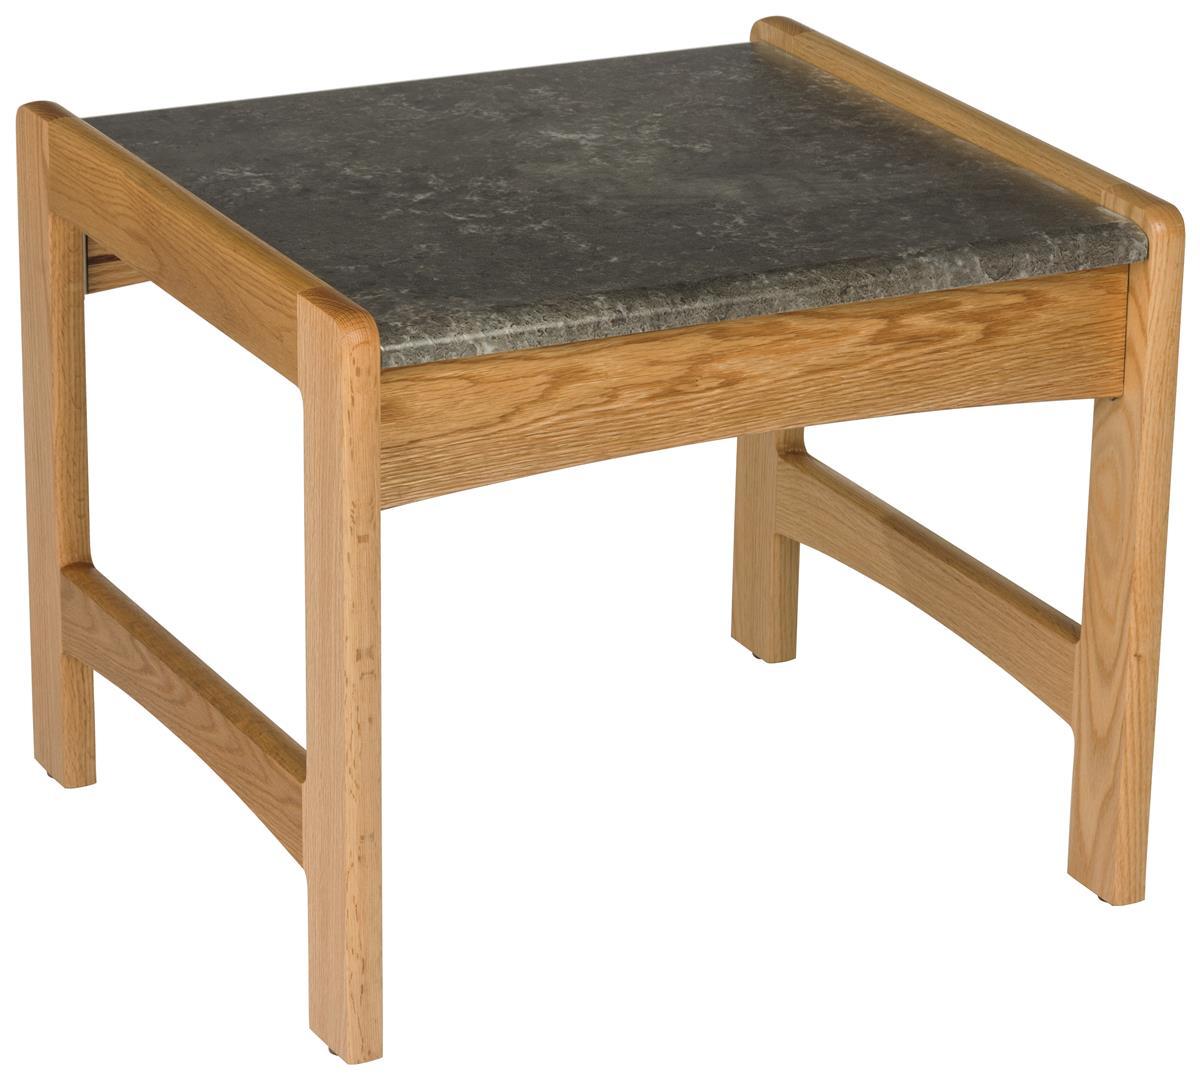 Medium Oak Office End Table No Tools